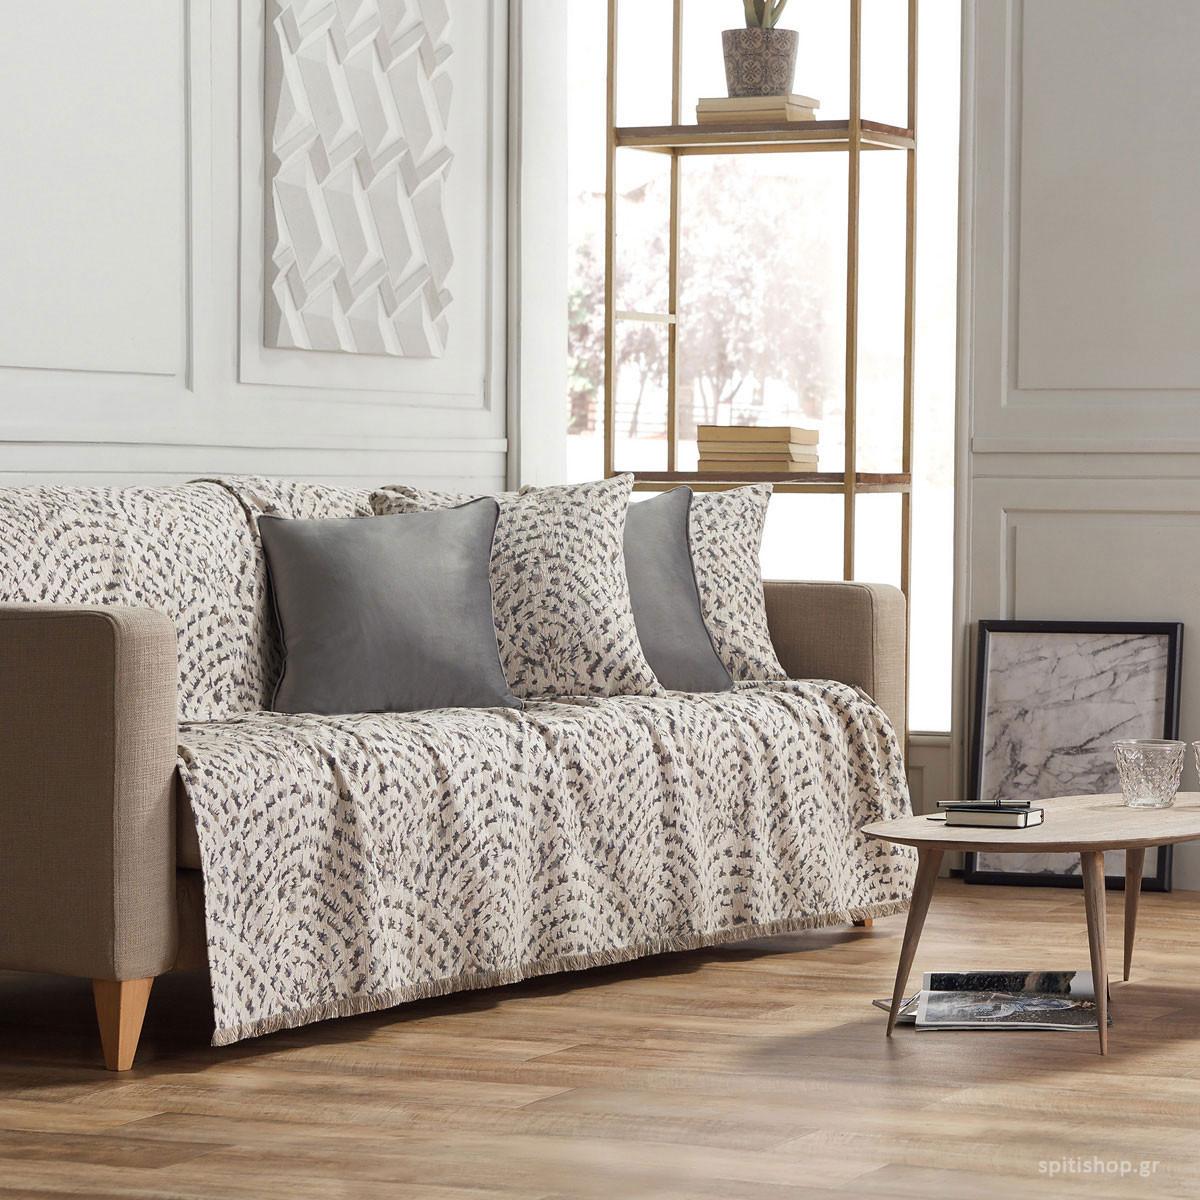 Ριχτάρι Πολυθρόνας (180×180) Gofis Home Ventalia Grey 7223/15